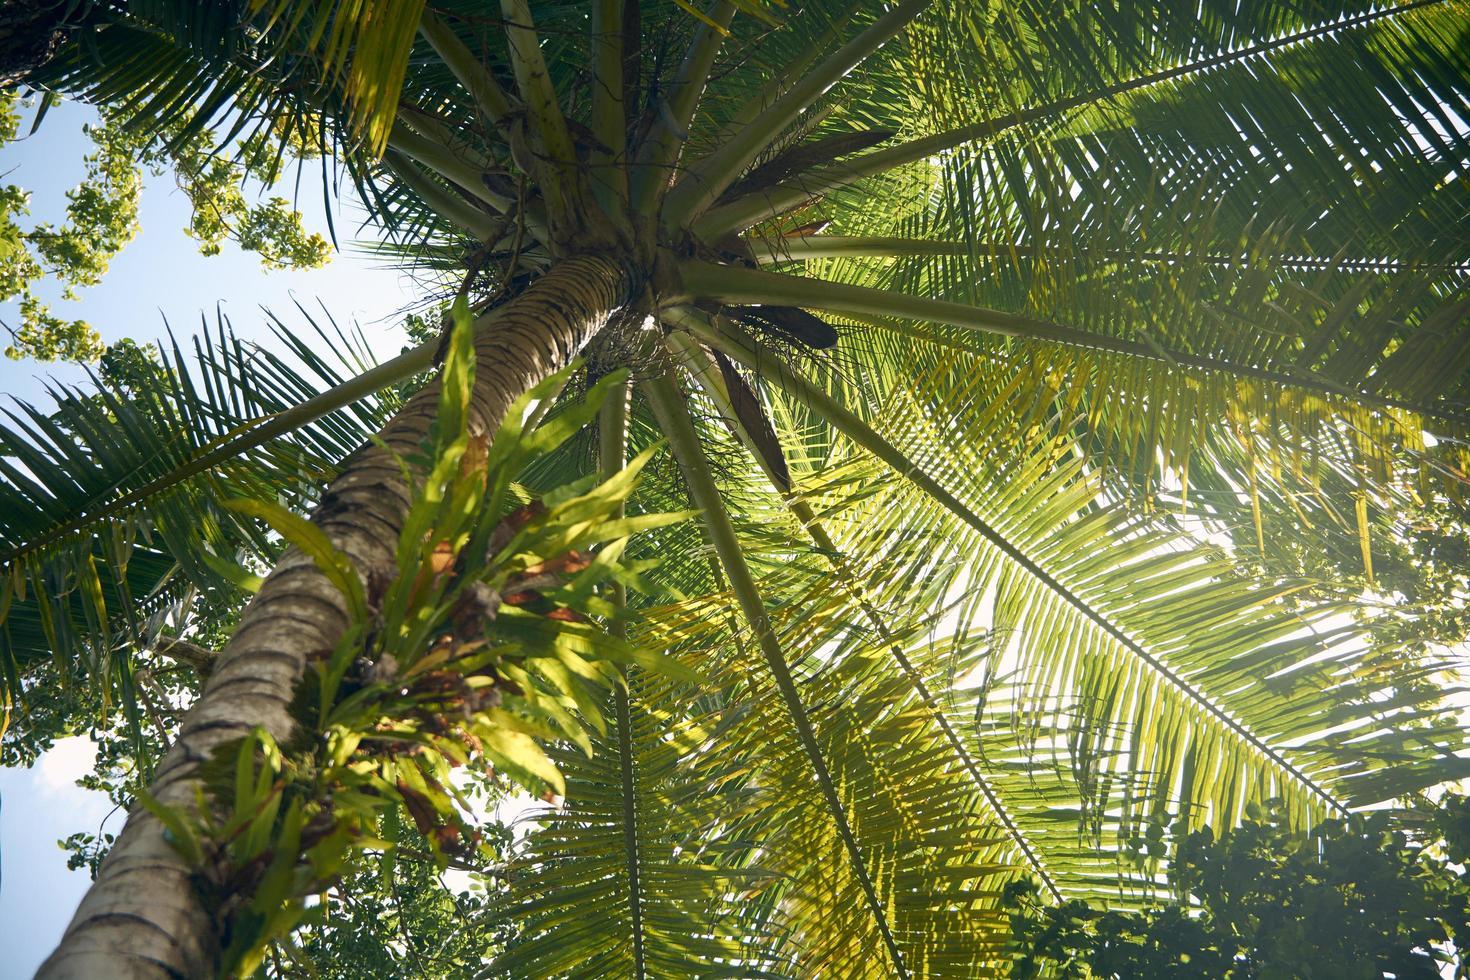 palmiers ensoleillés photo